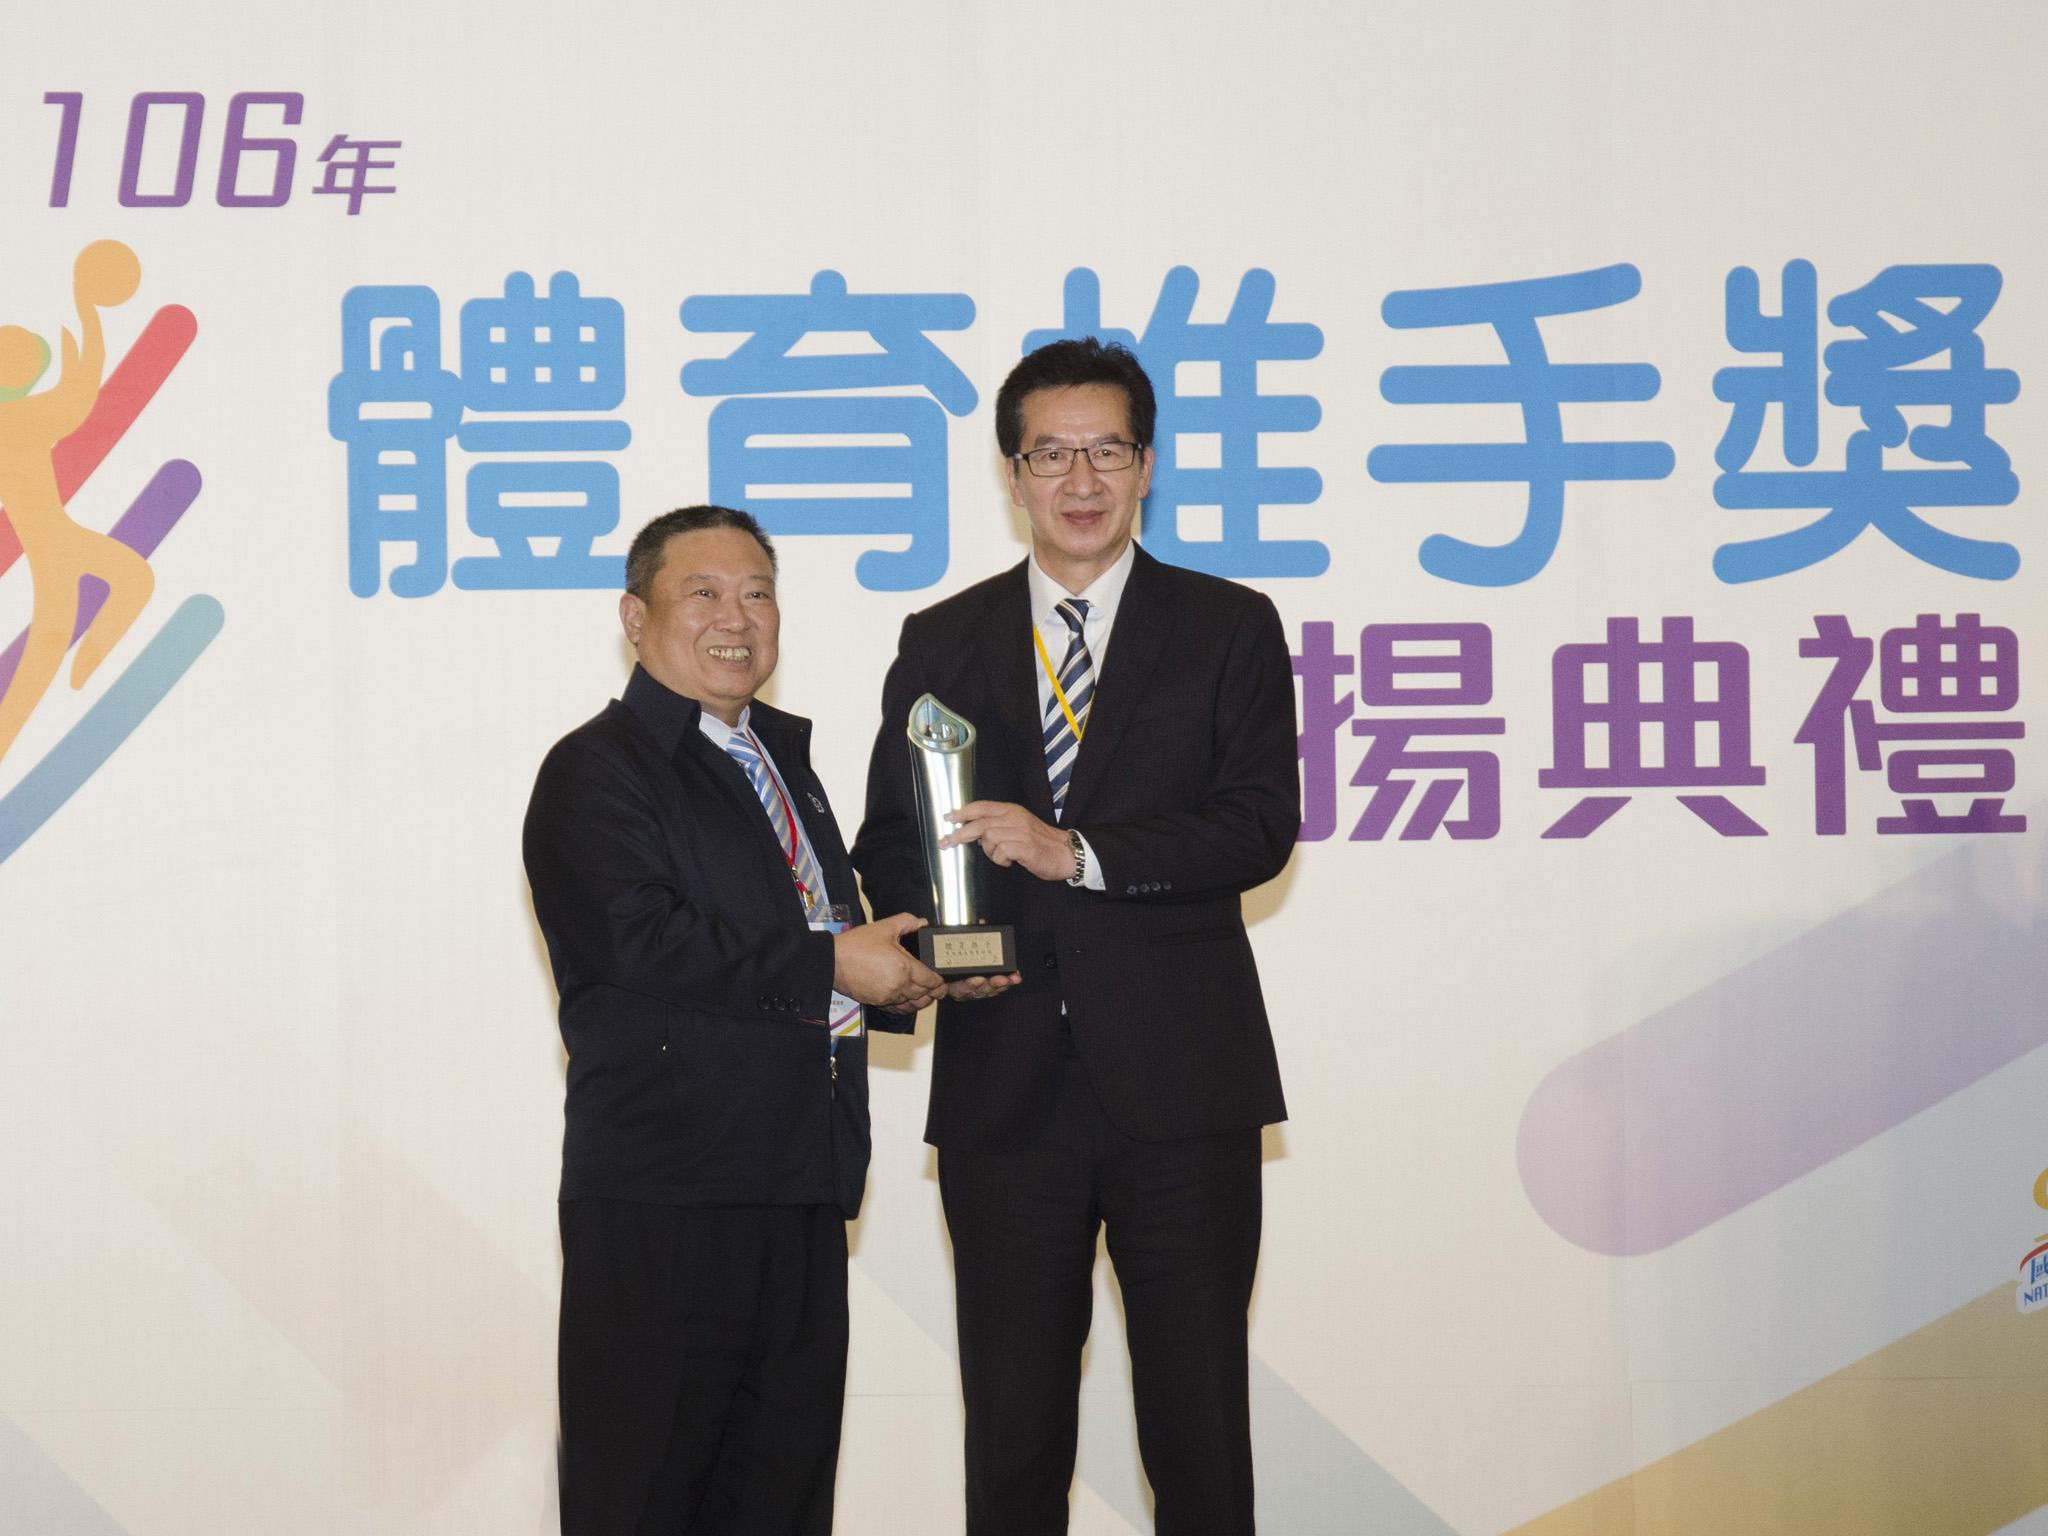 由總經理陳慶鴻代表受獎。